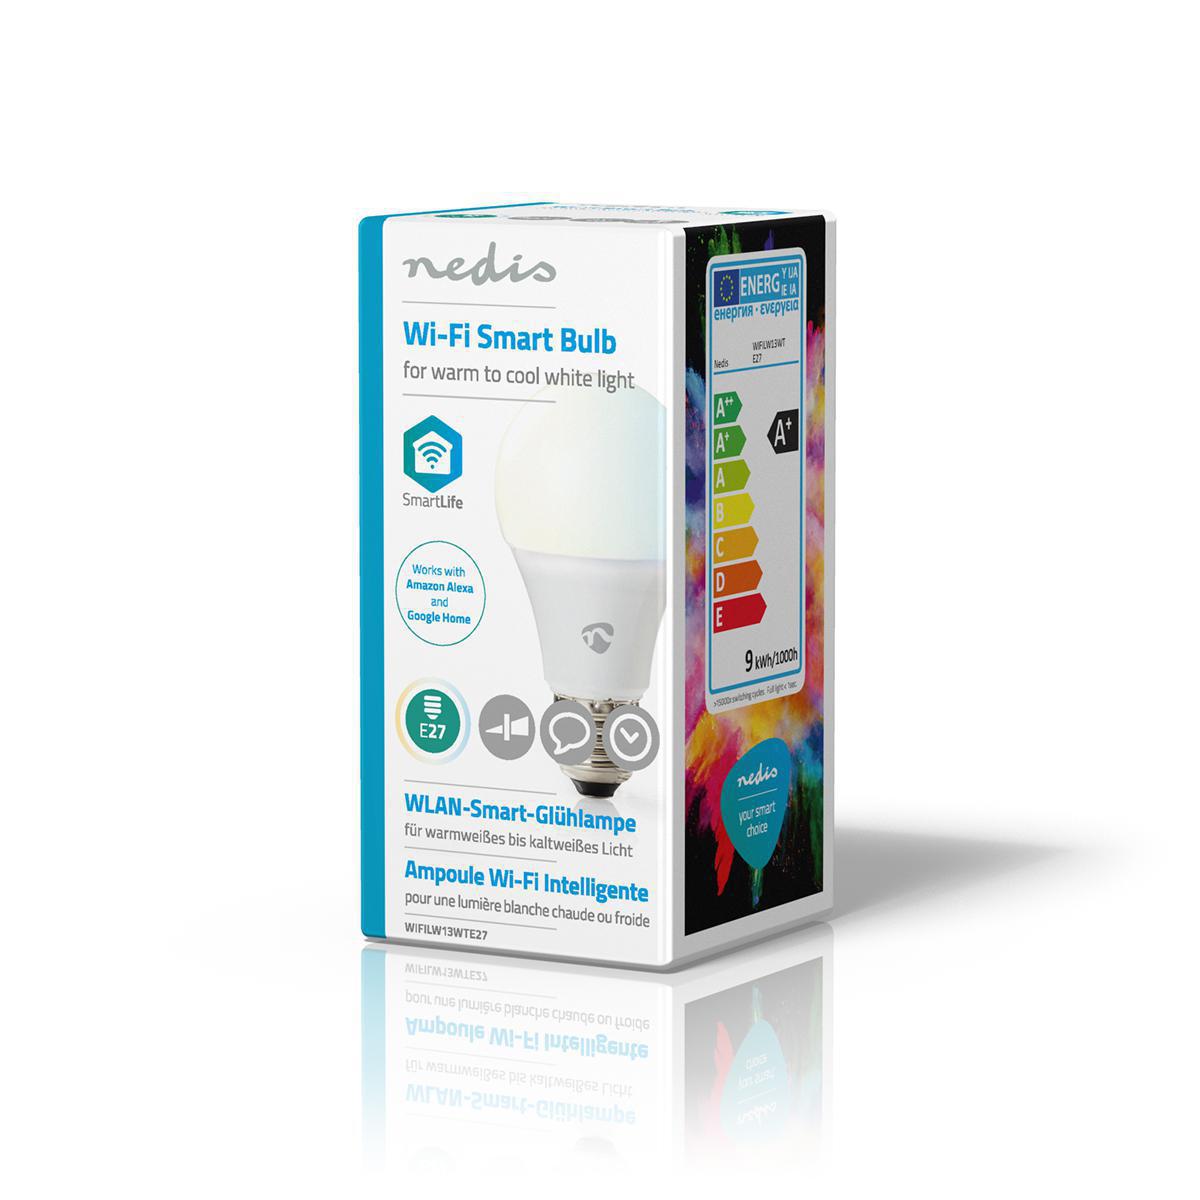 Slimme Wi-Fi Led Lamp 9 Watt CCT - Kleurwissel - zijkant verpakking